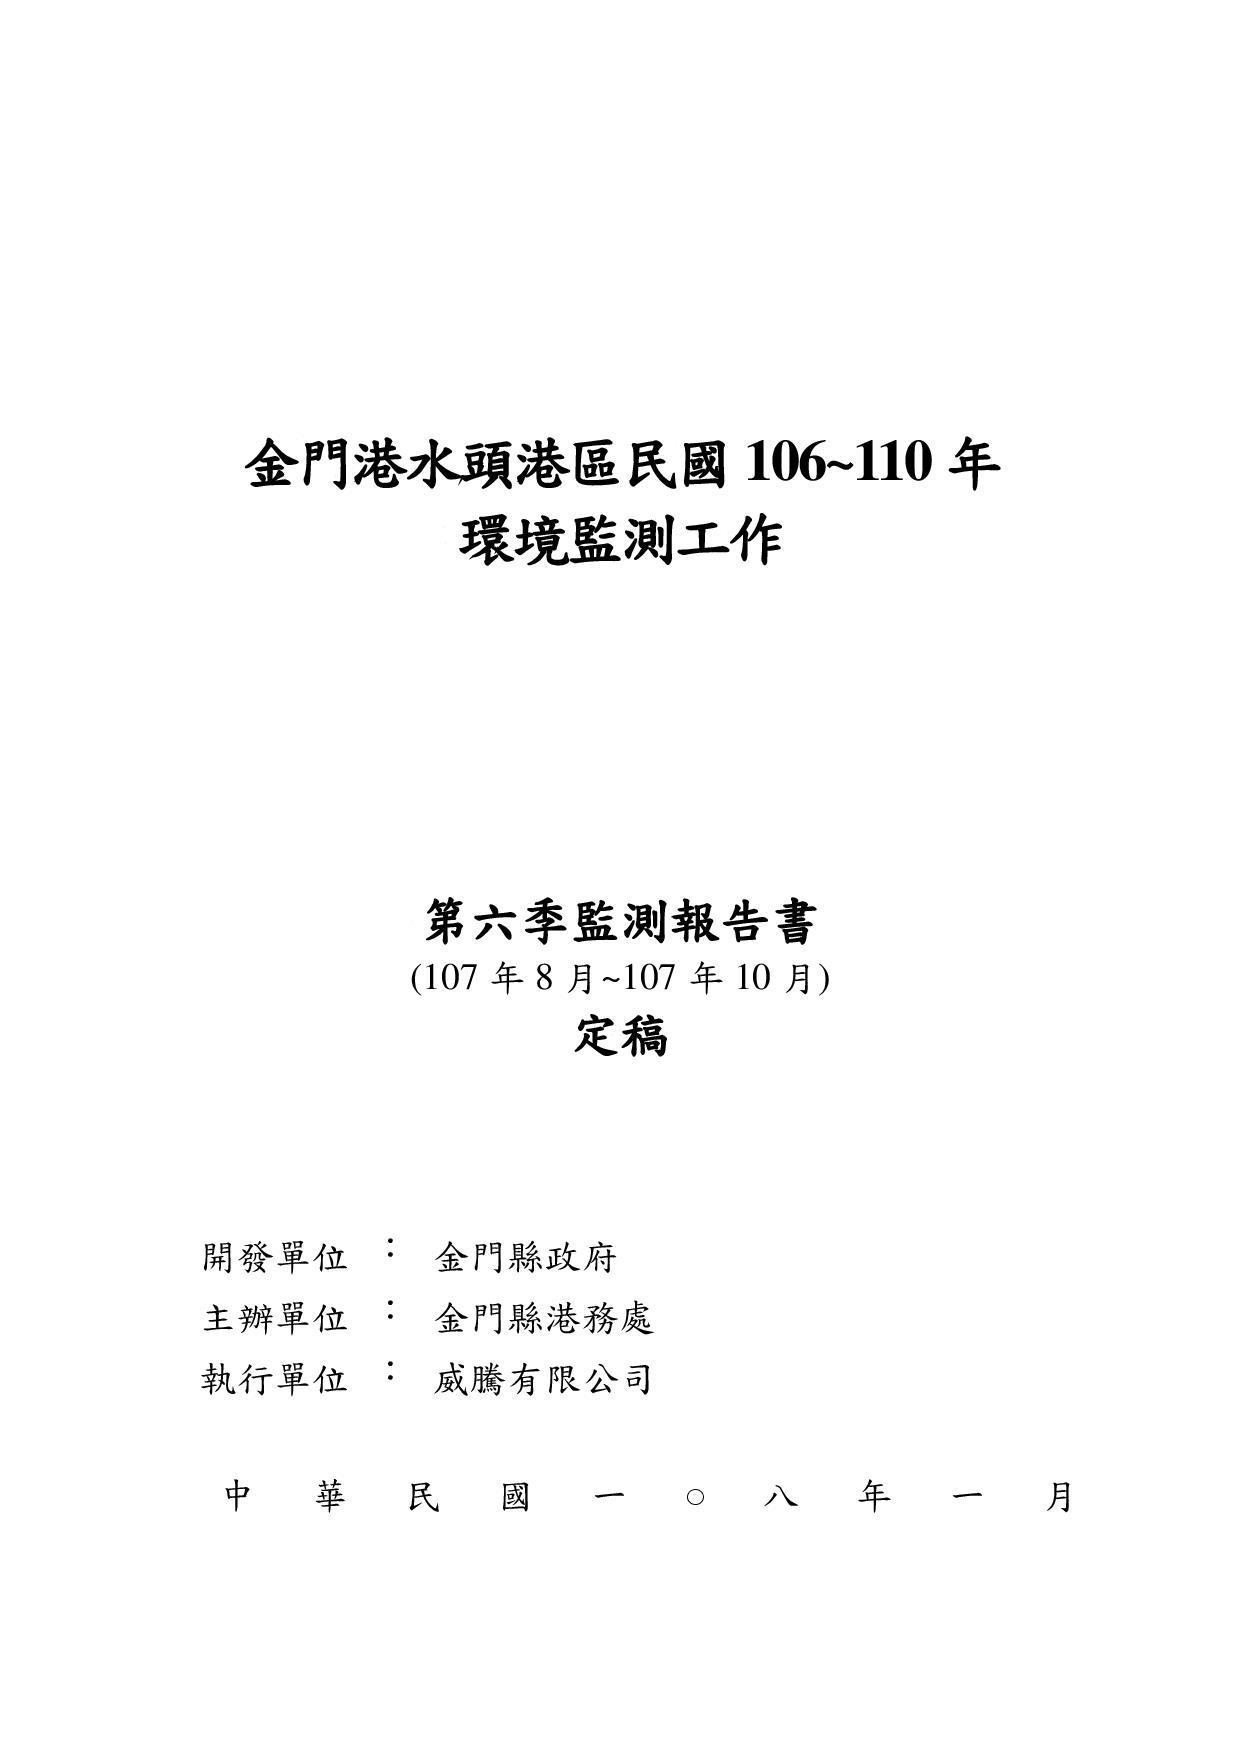 金門港水頭港區民國106-110年環境監測工作第6季定稿-20190107